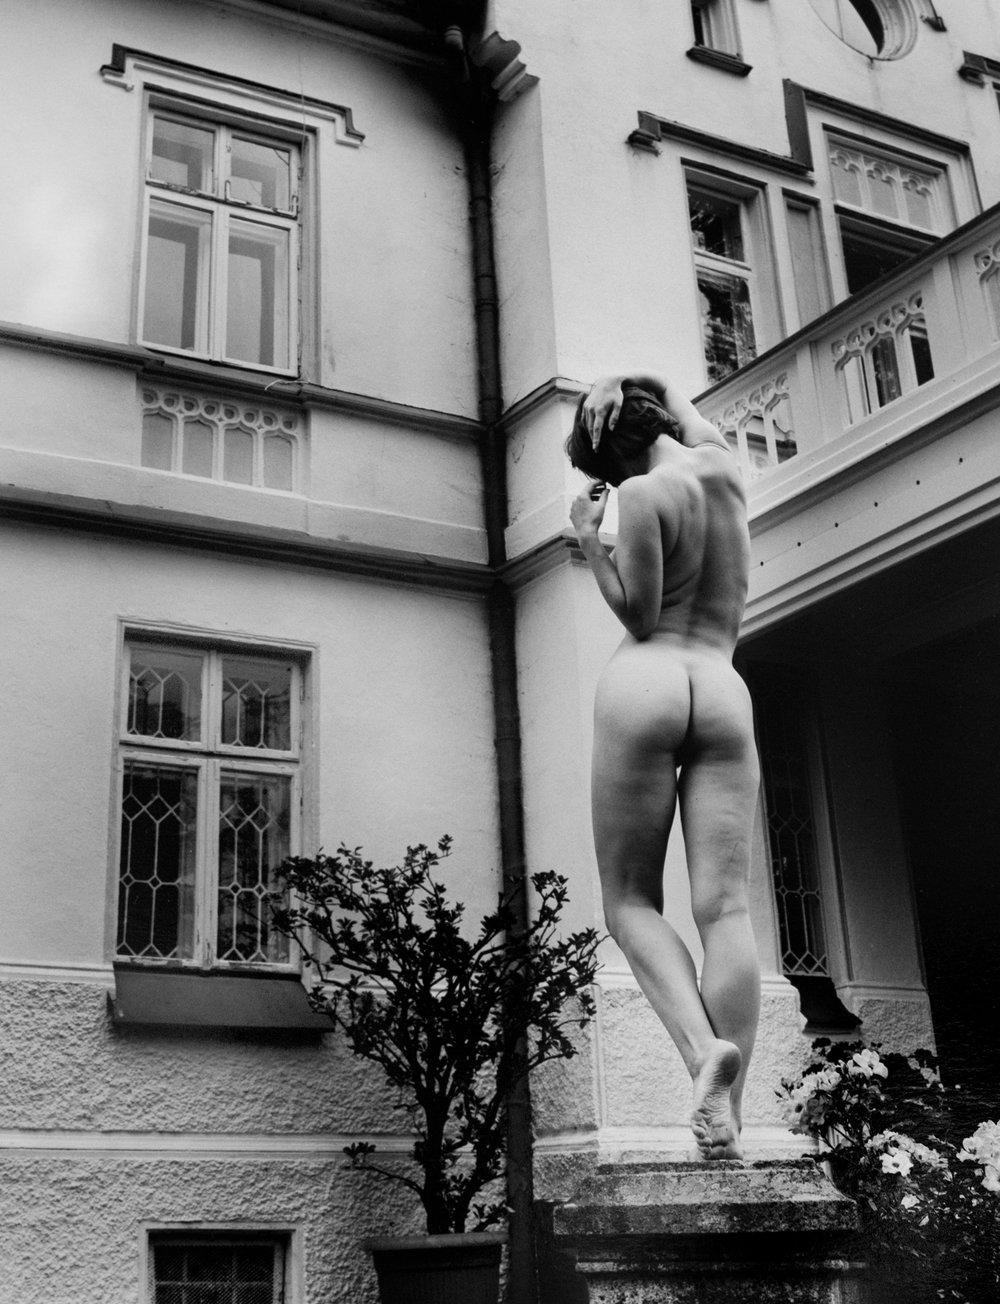 Like a Statue